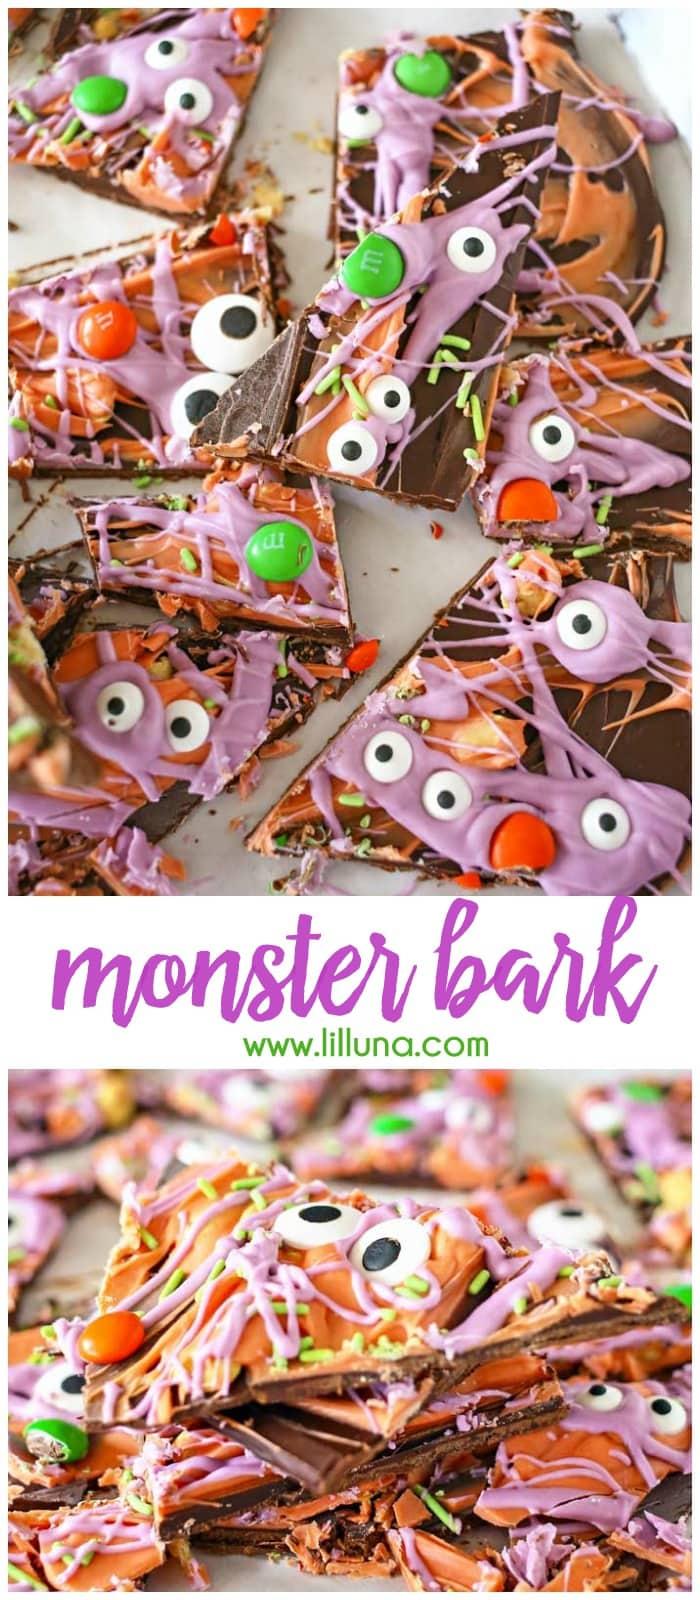 monster-bark-collage